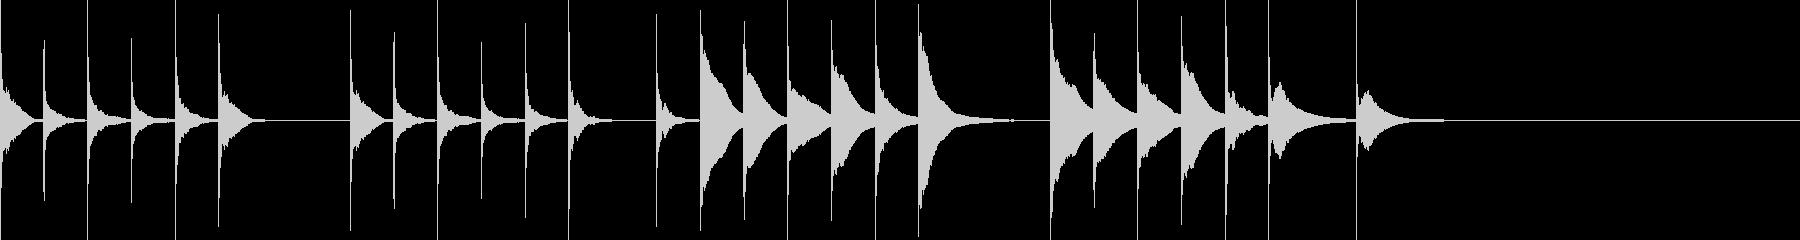 不思議なジングル クレイアニメ・実験等の未再生の波形